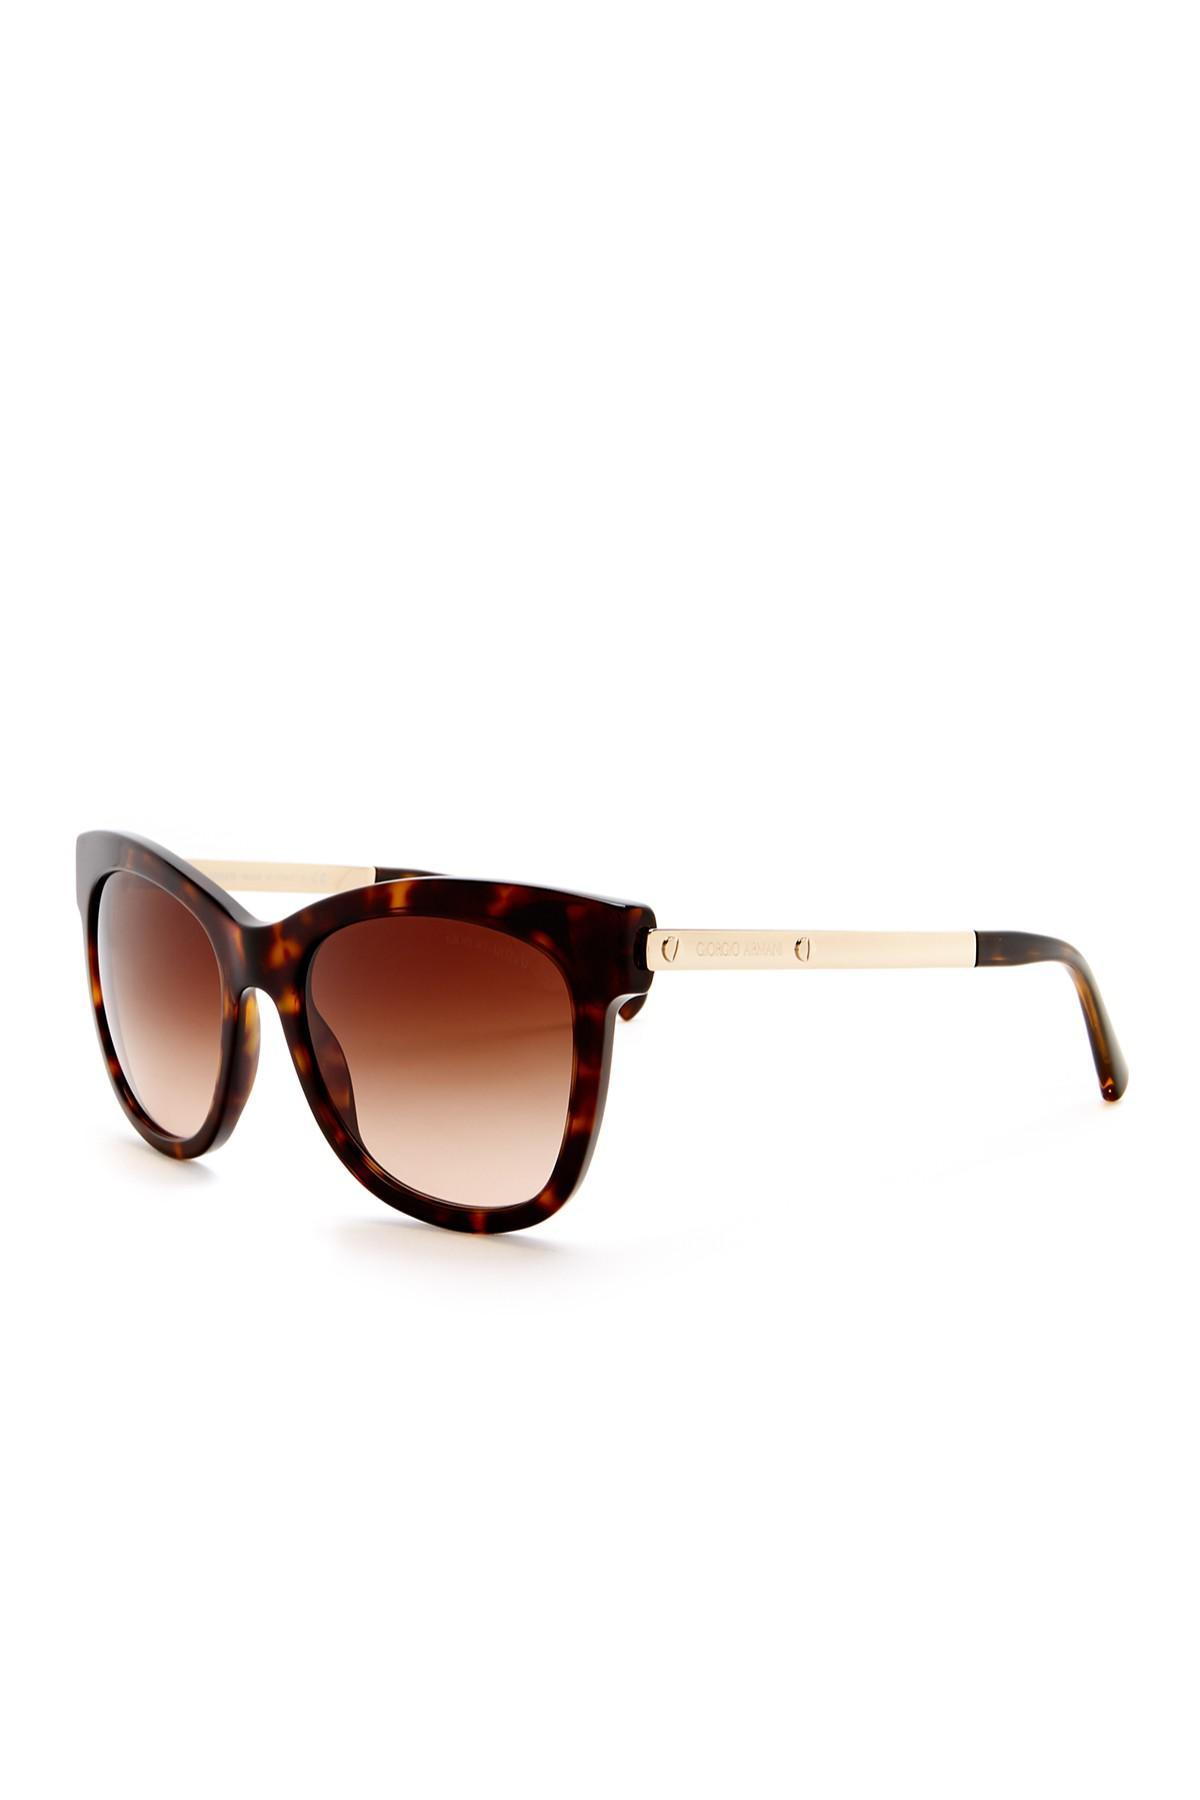 505a1fe0e6 Lyst - Giorgio Armani Women s Modified Cat Eye Sunglasses in Brown